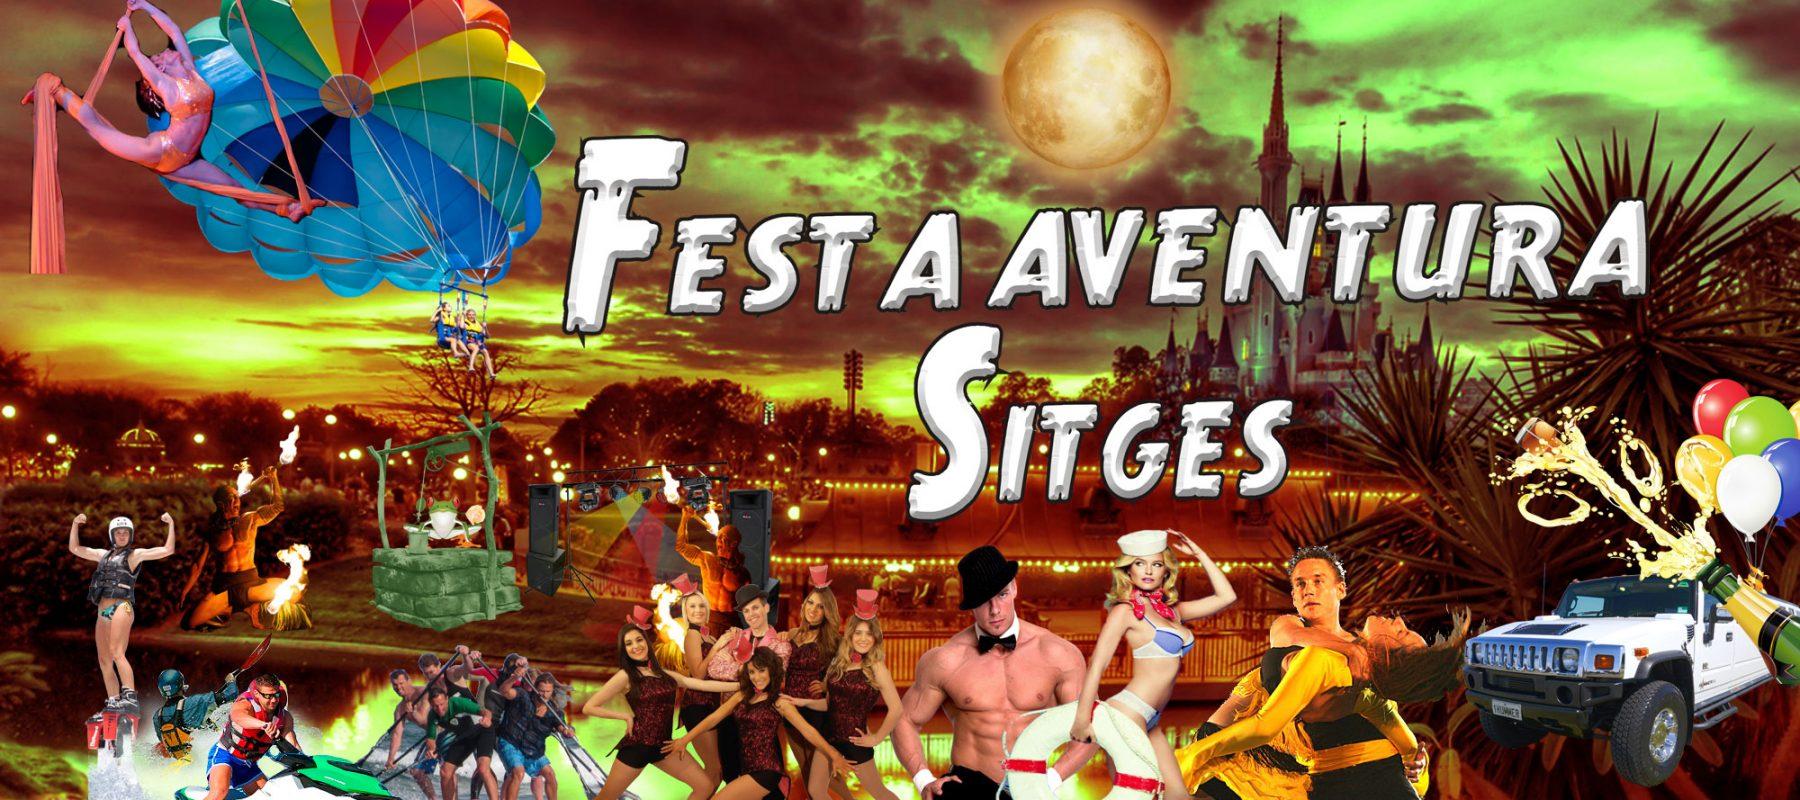 Festa Aventura Sitges